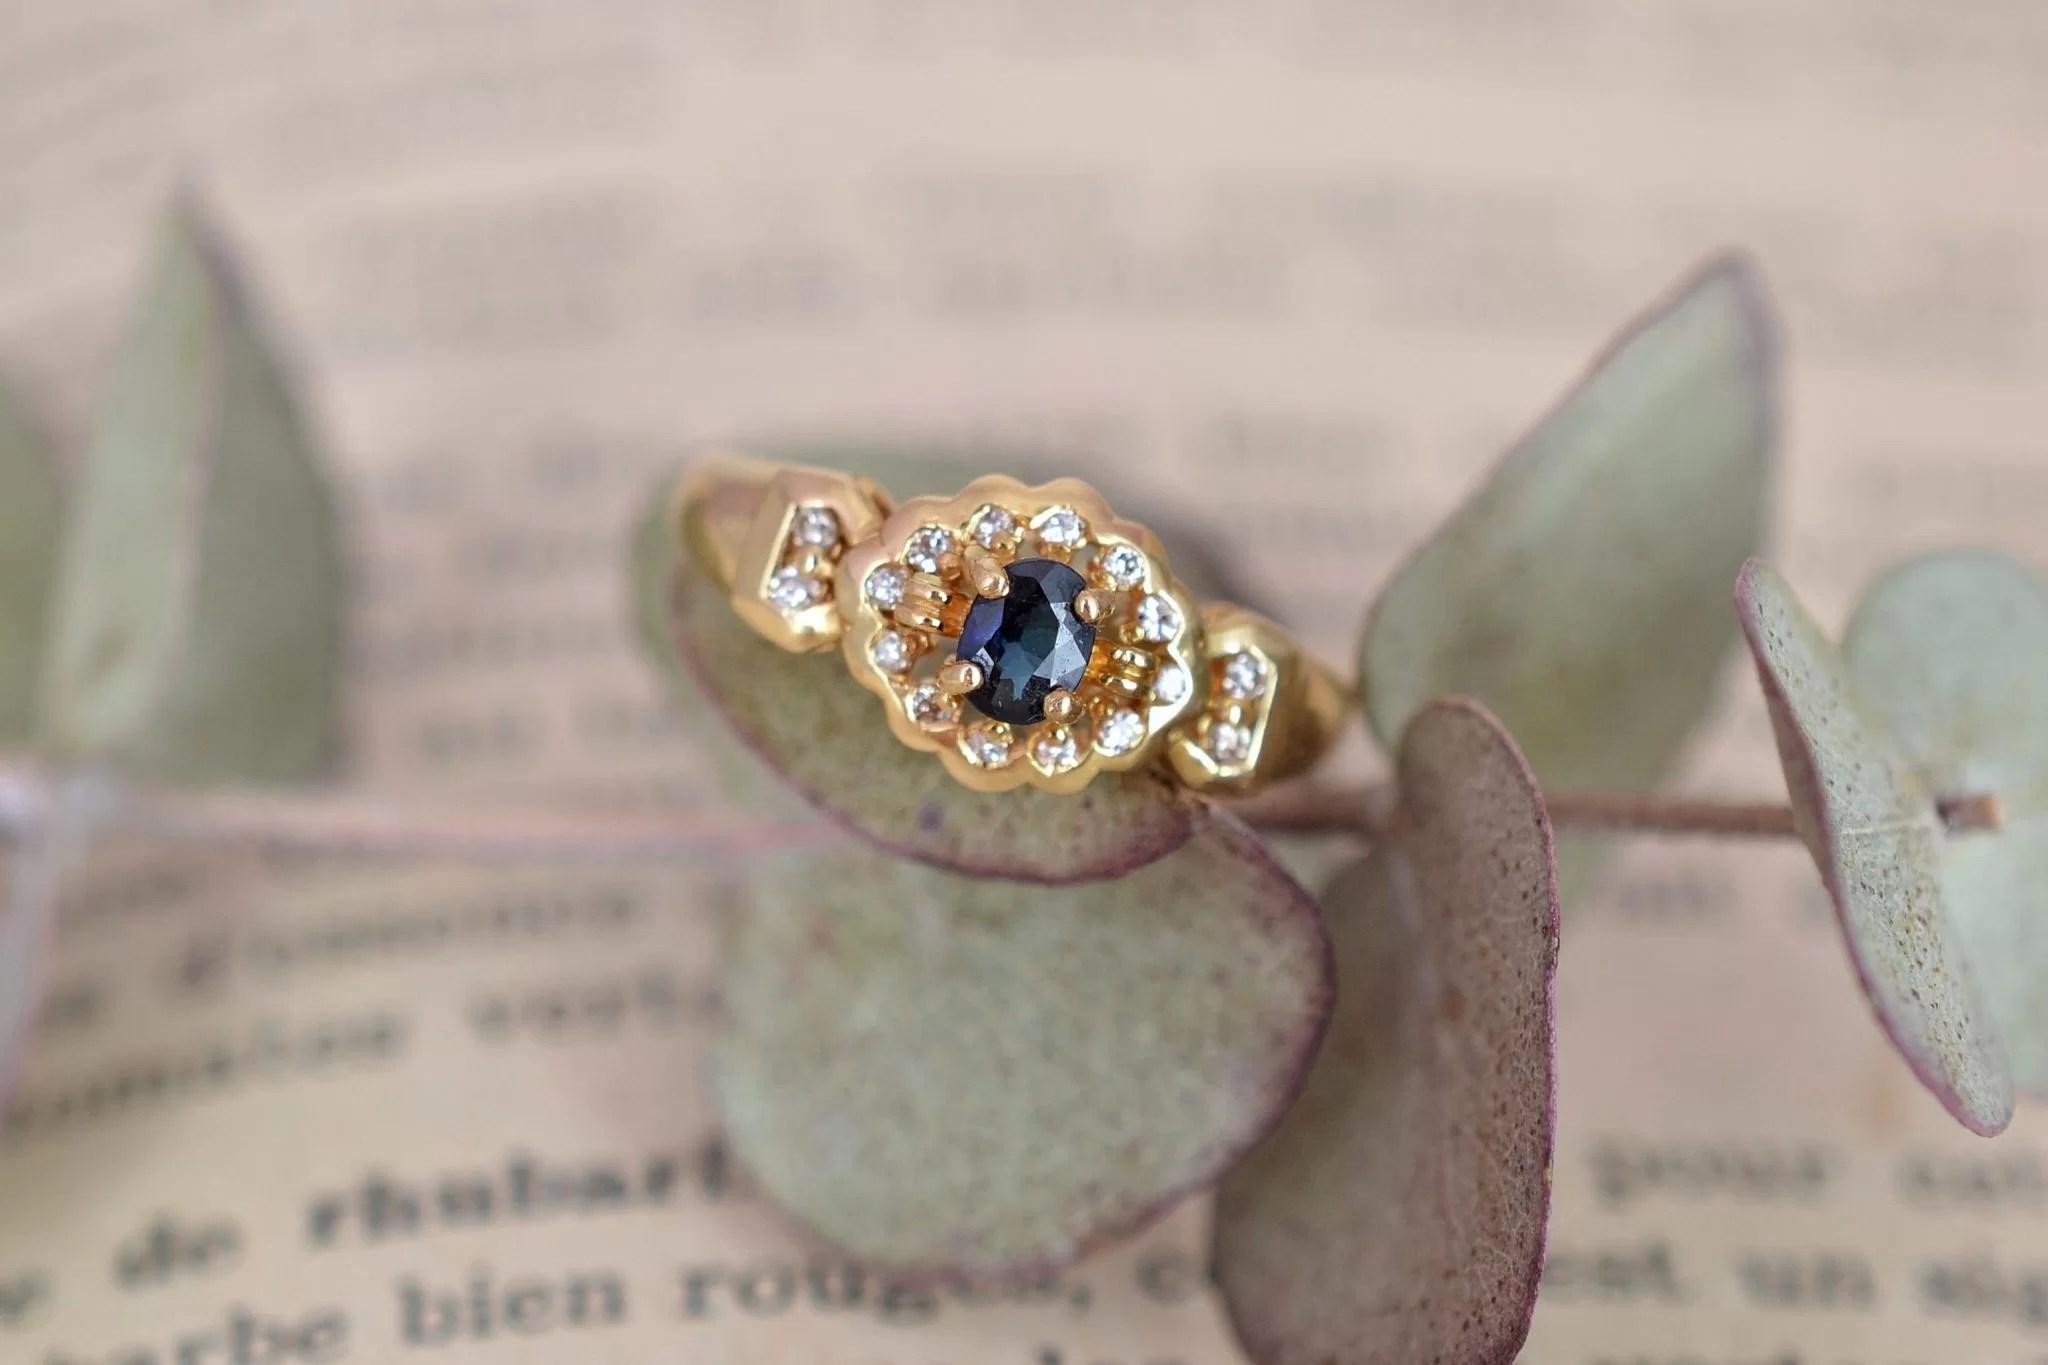 Bague en Or jaune sertie d_un saphir sur un entourage de diamants - bague de fiançailles Vintage